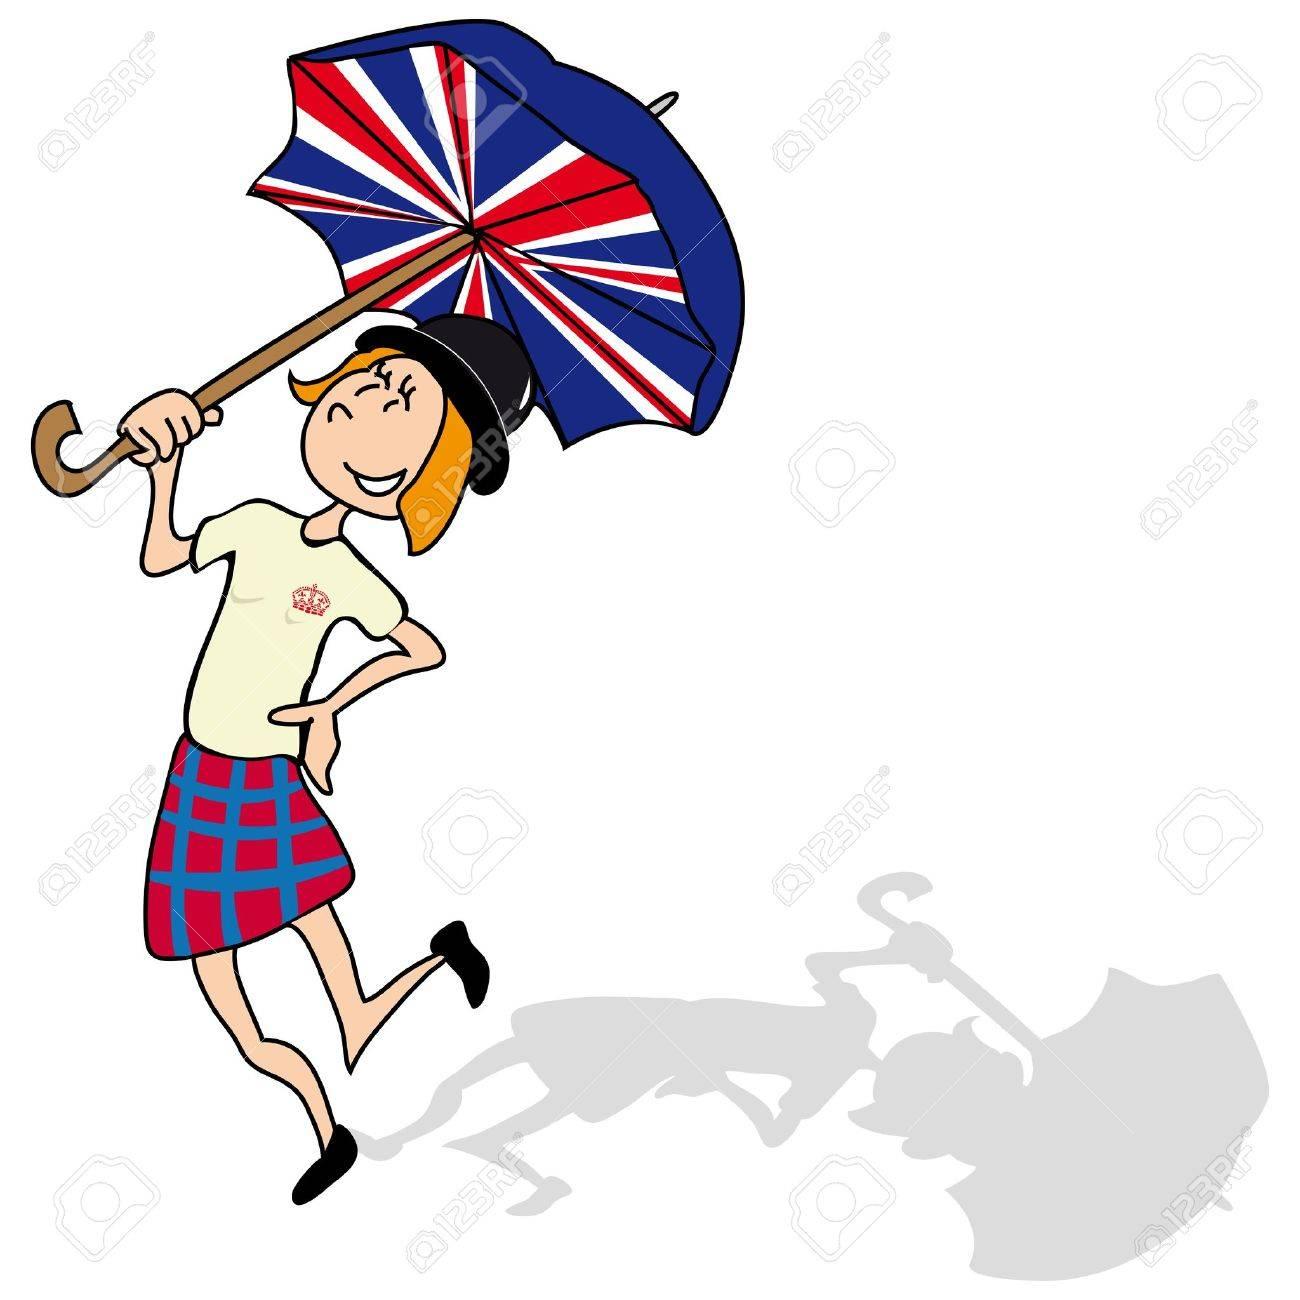 Englisch Madchen Ist Mit Einem Britischen Dach Tanzen Lizenzfrei